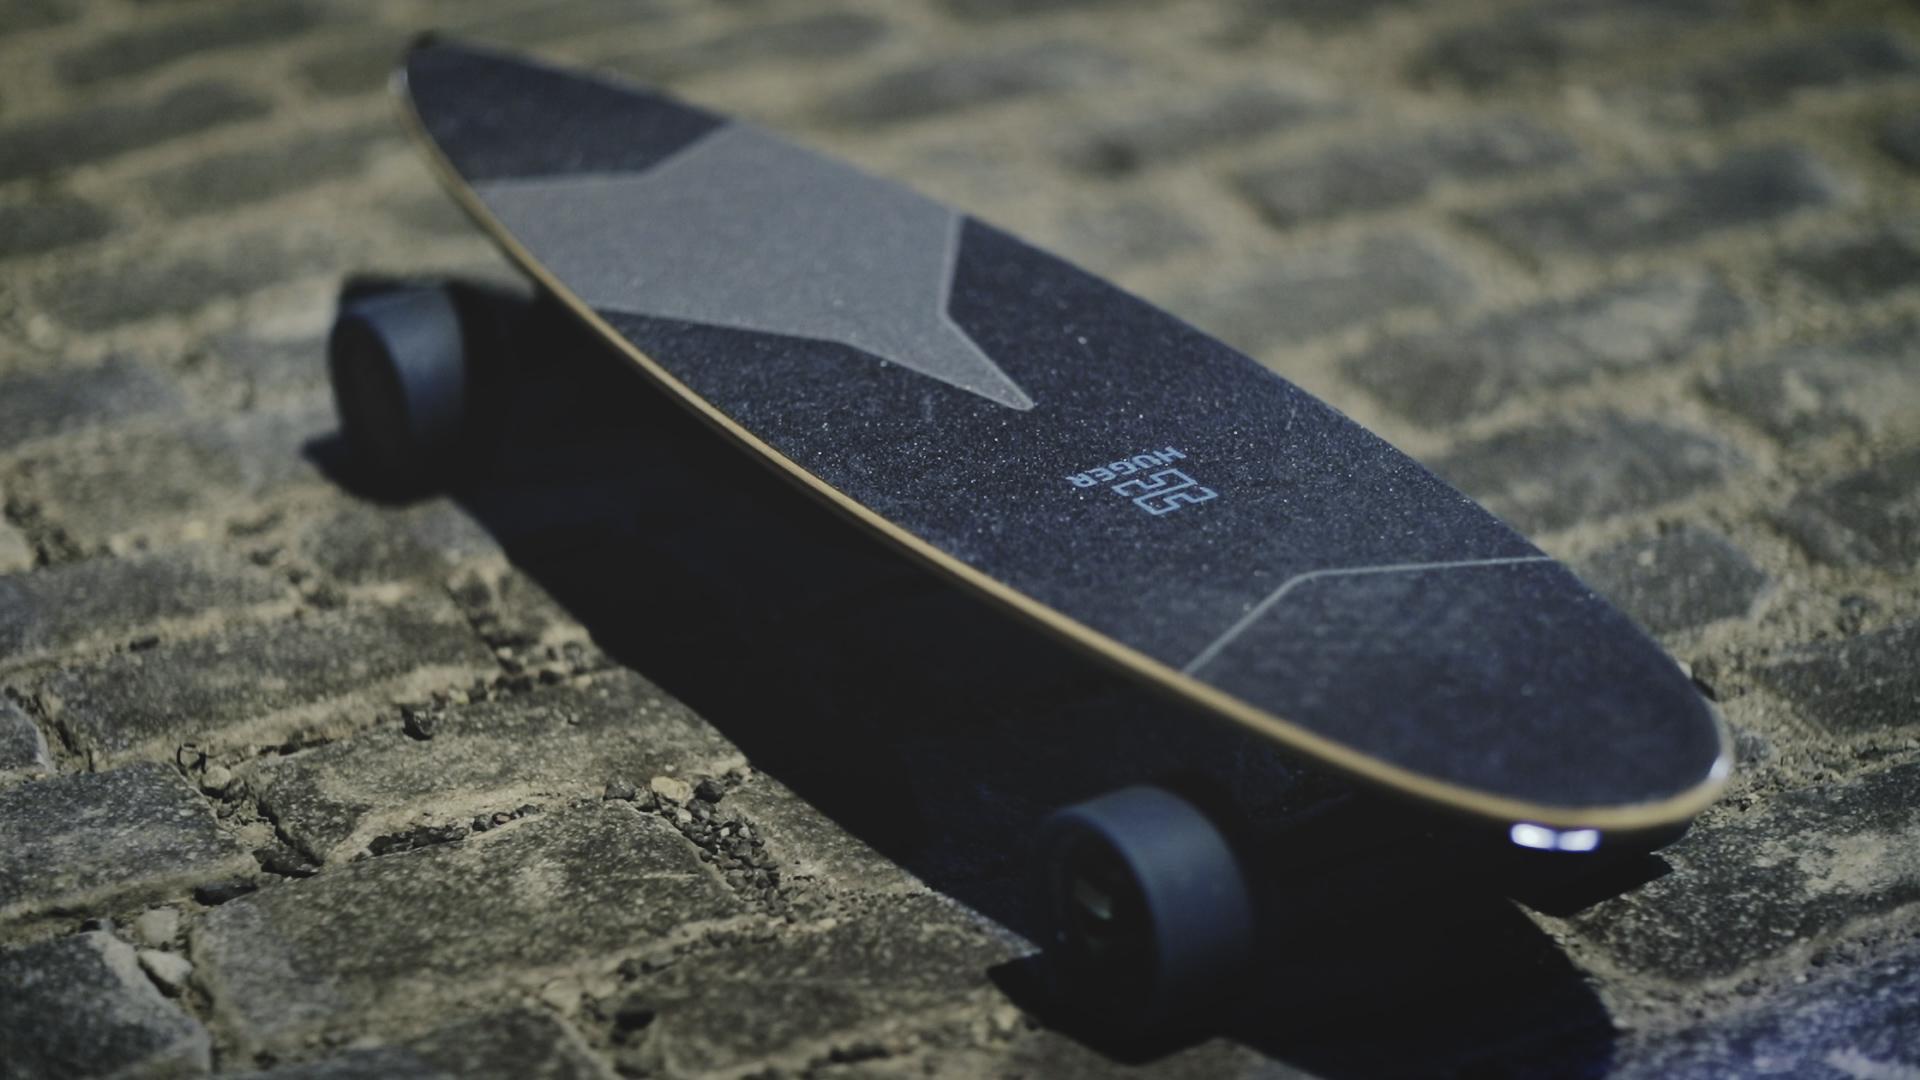 Huger Tech's electric skateboard impresses